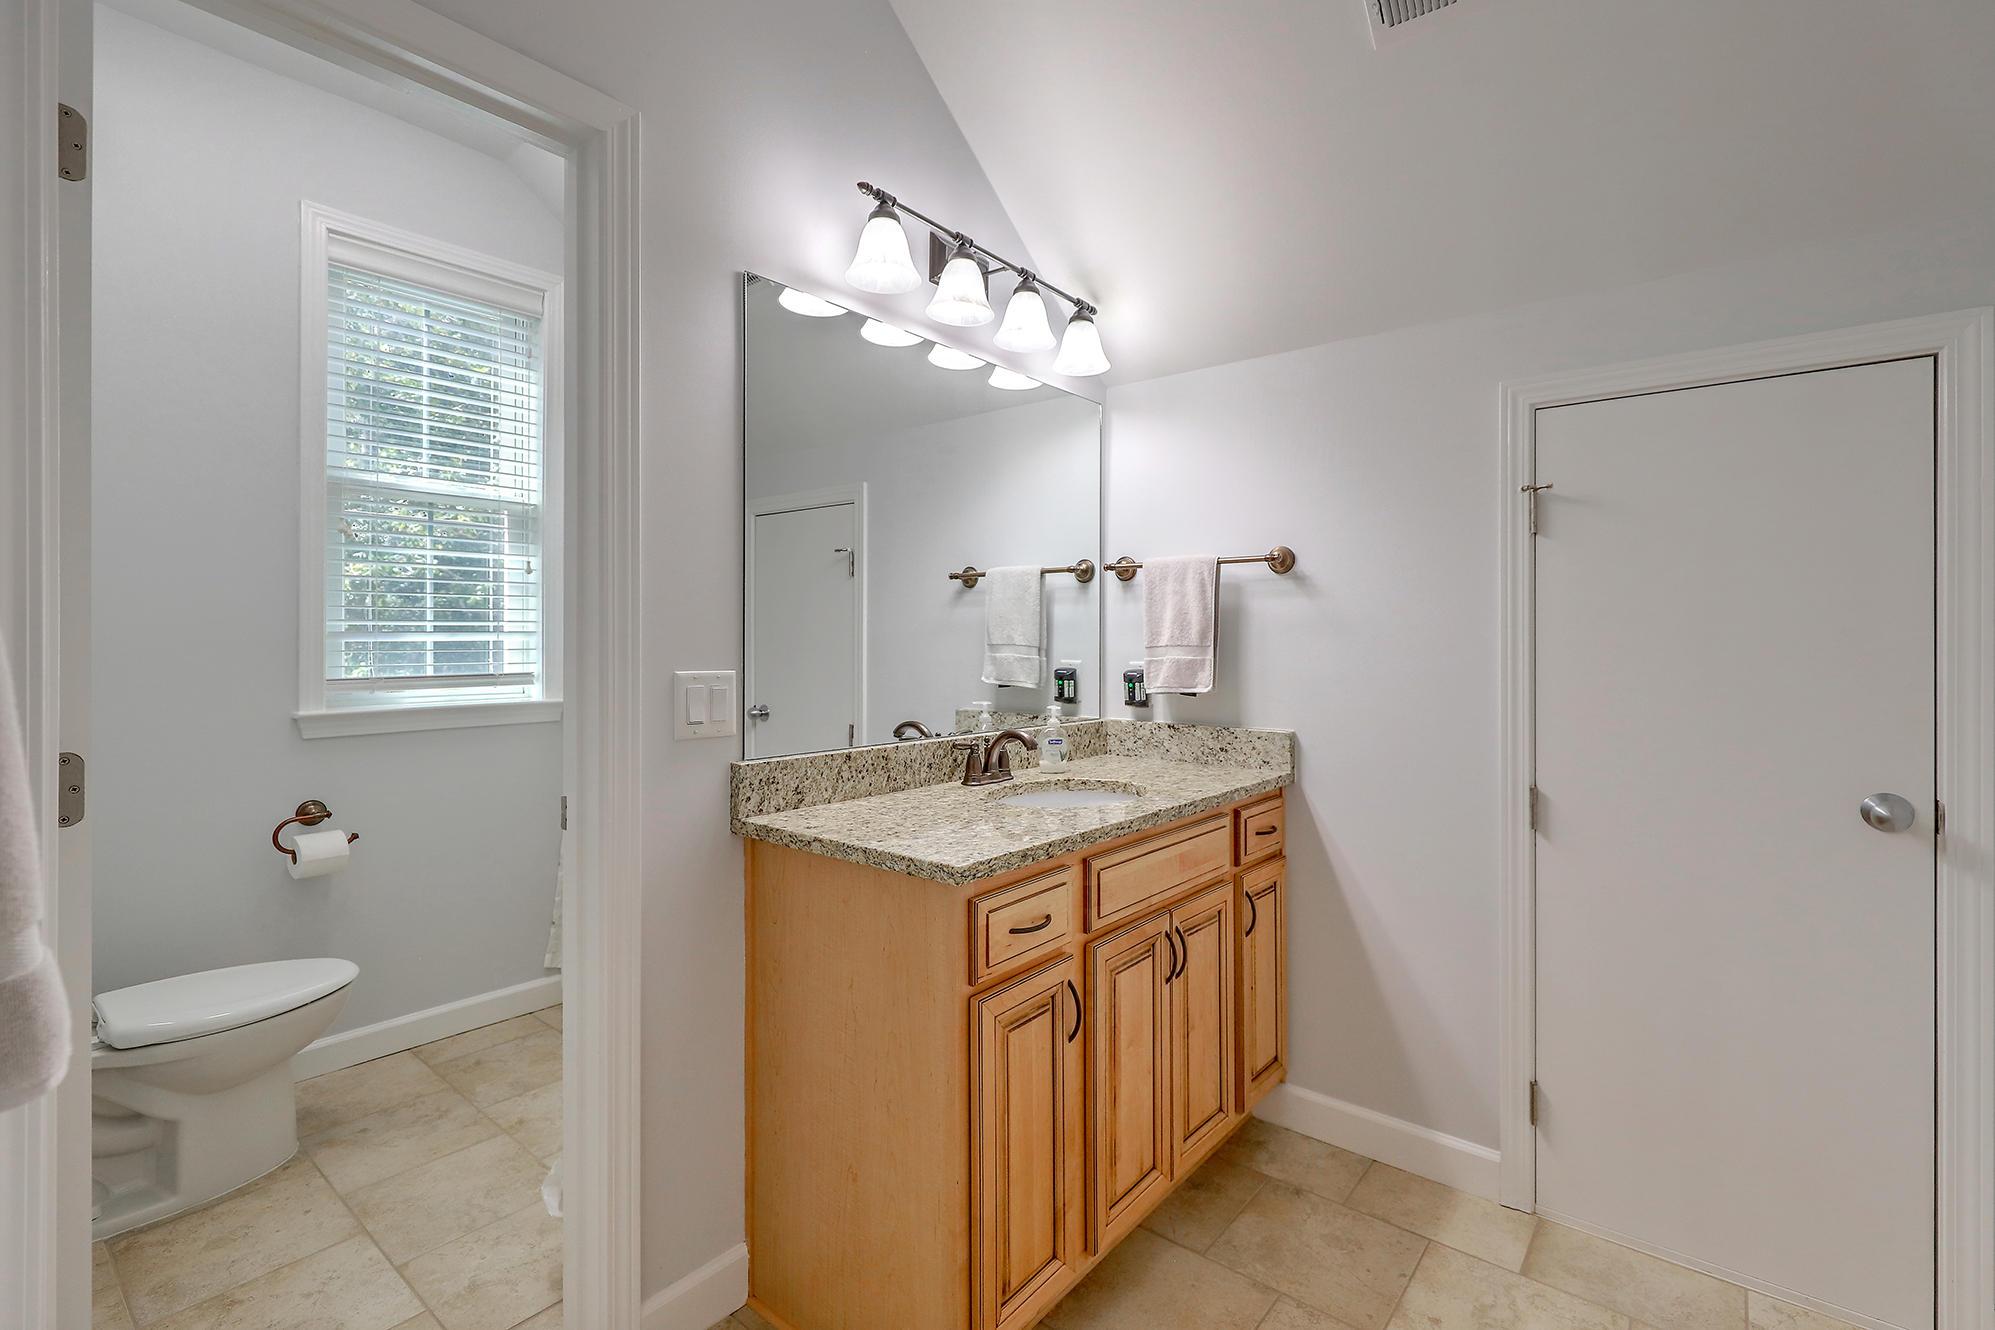 Park West Homes For Sale - 2108 Malcolm, Mount Pleasant, SC - 6